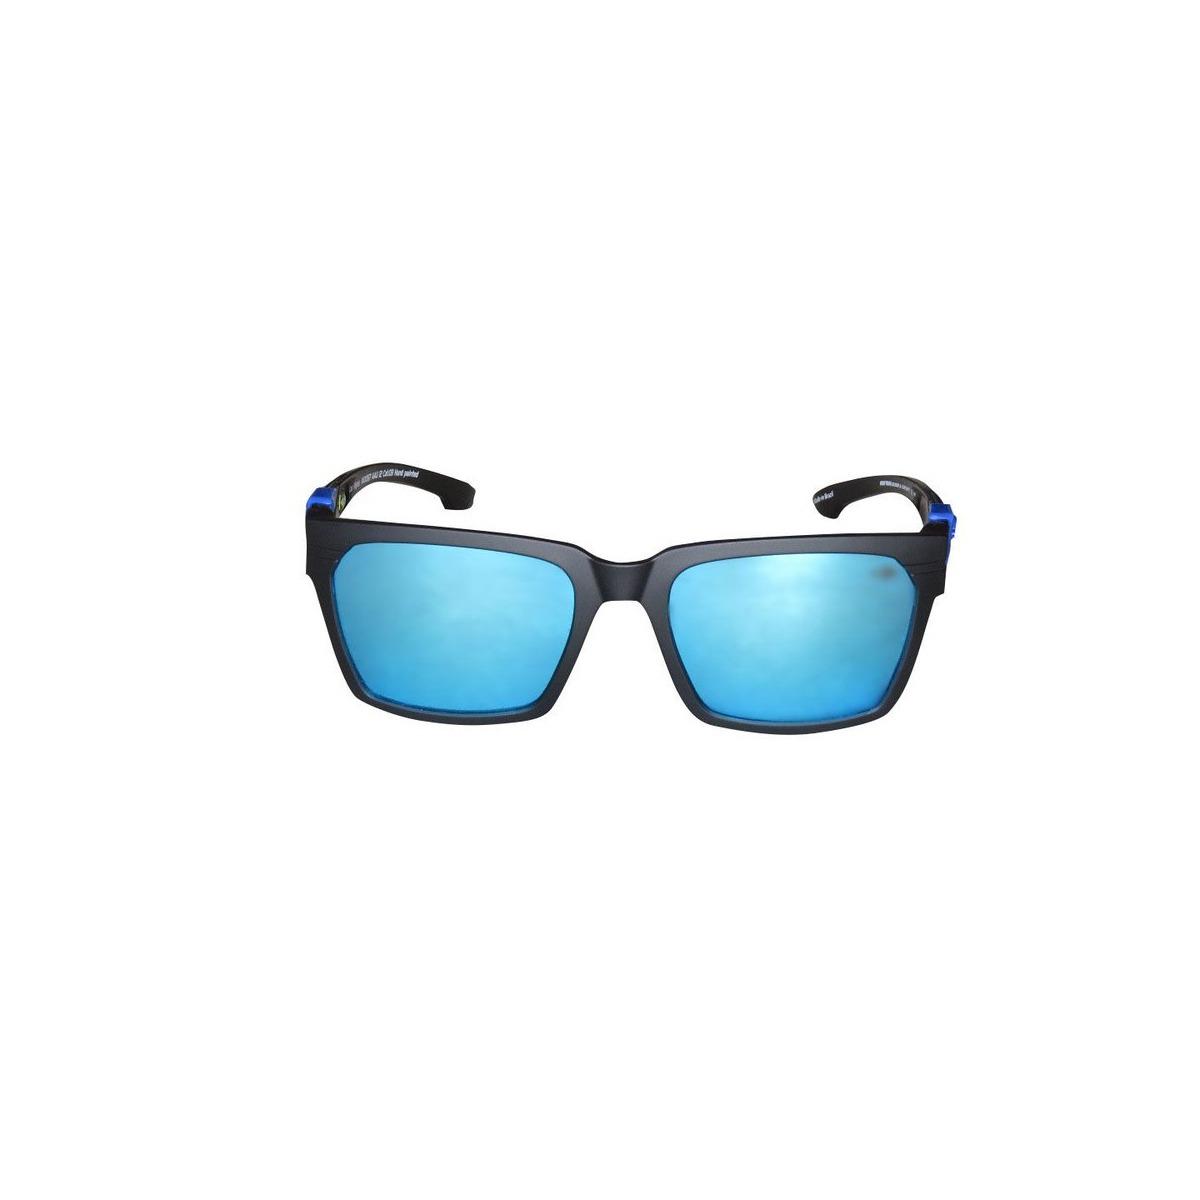 Óculos Mormaii Las Vegas - R  229,90 em Mercado Livre 681c2376a0